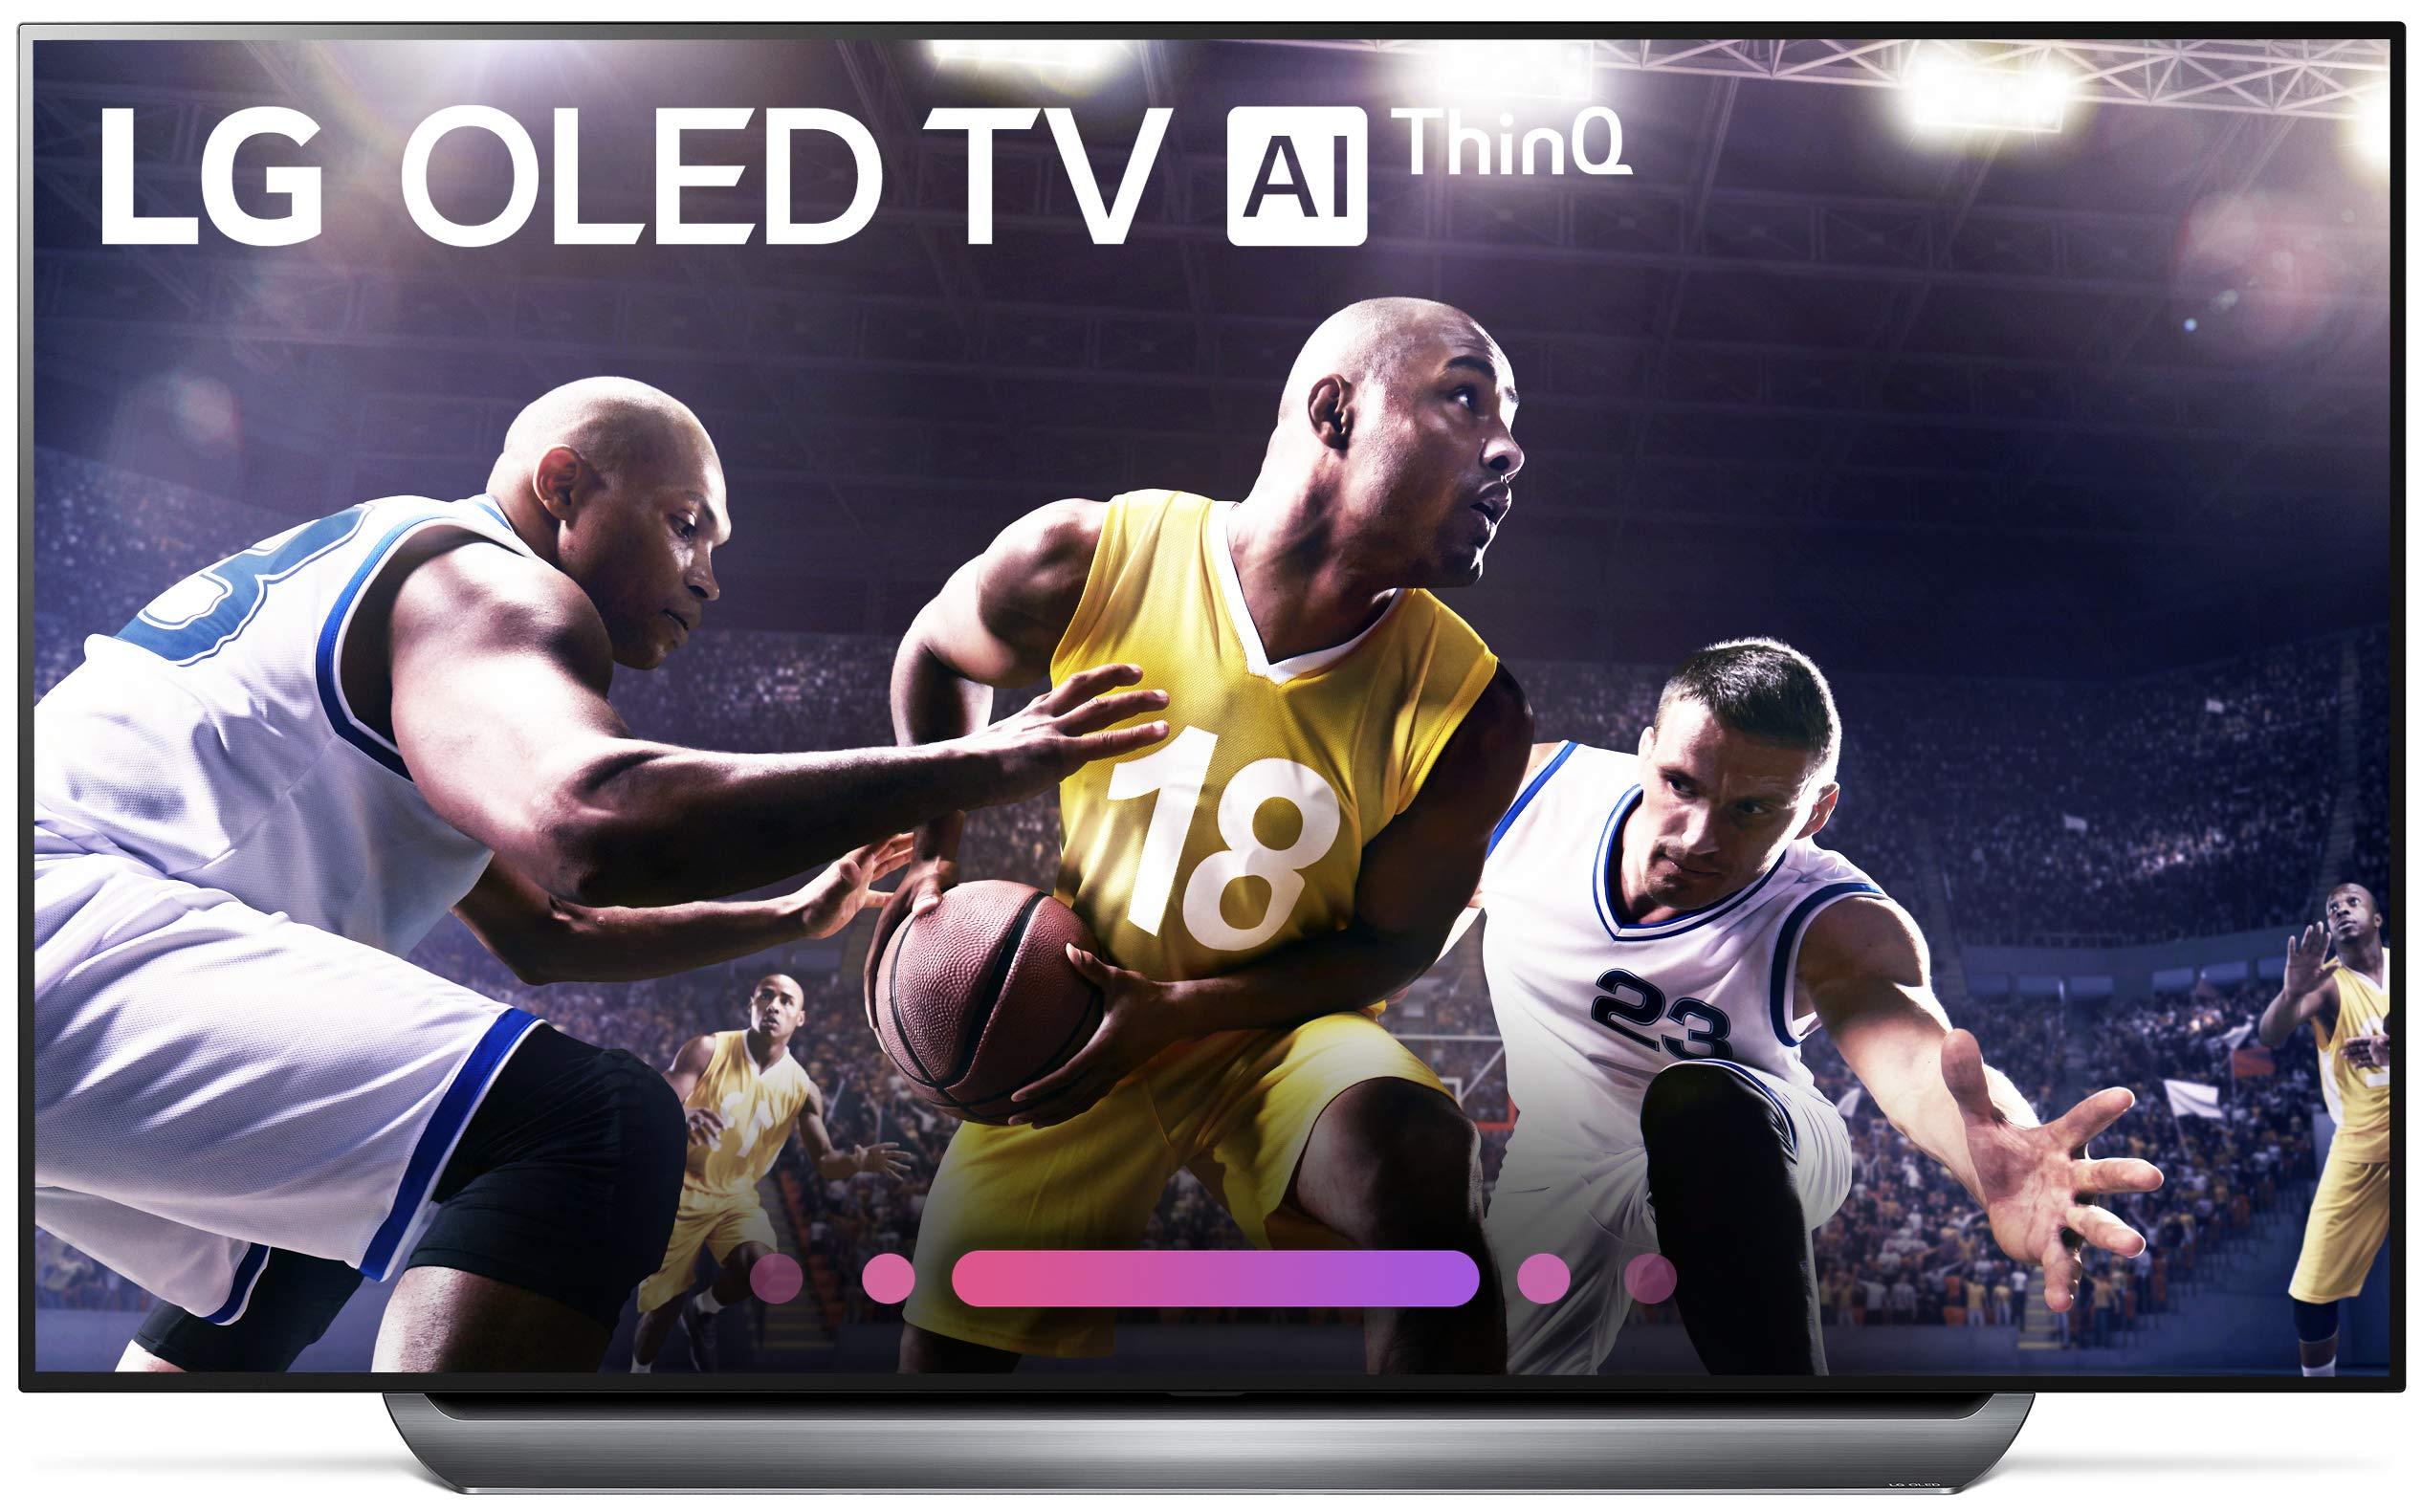 Premium TV